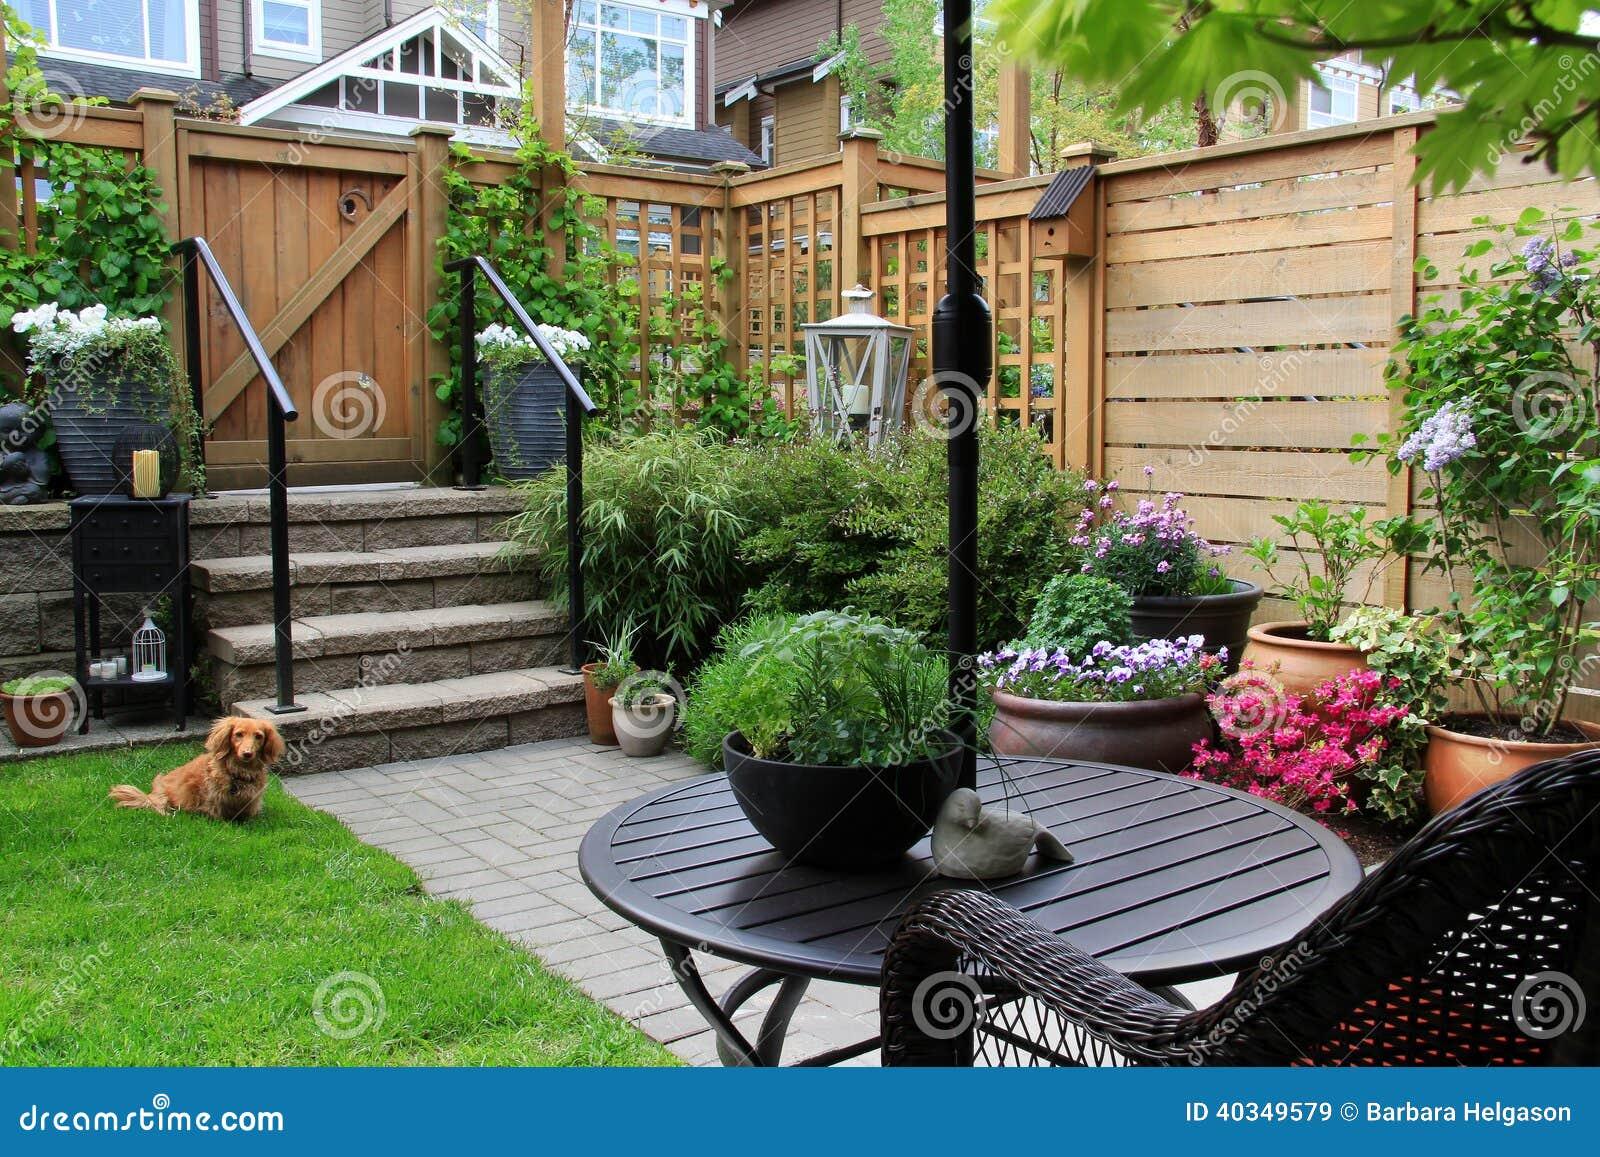 Piccolo giardino fotografia stock immagine 40349579 - Piccolo giardino ...